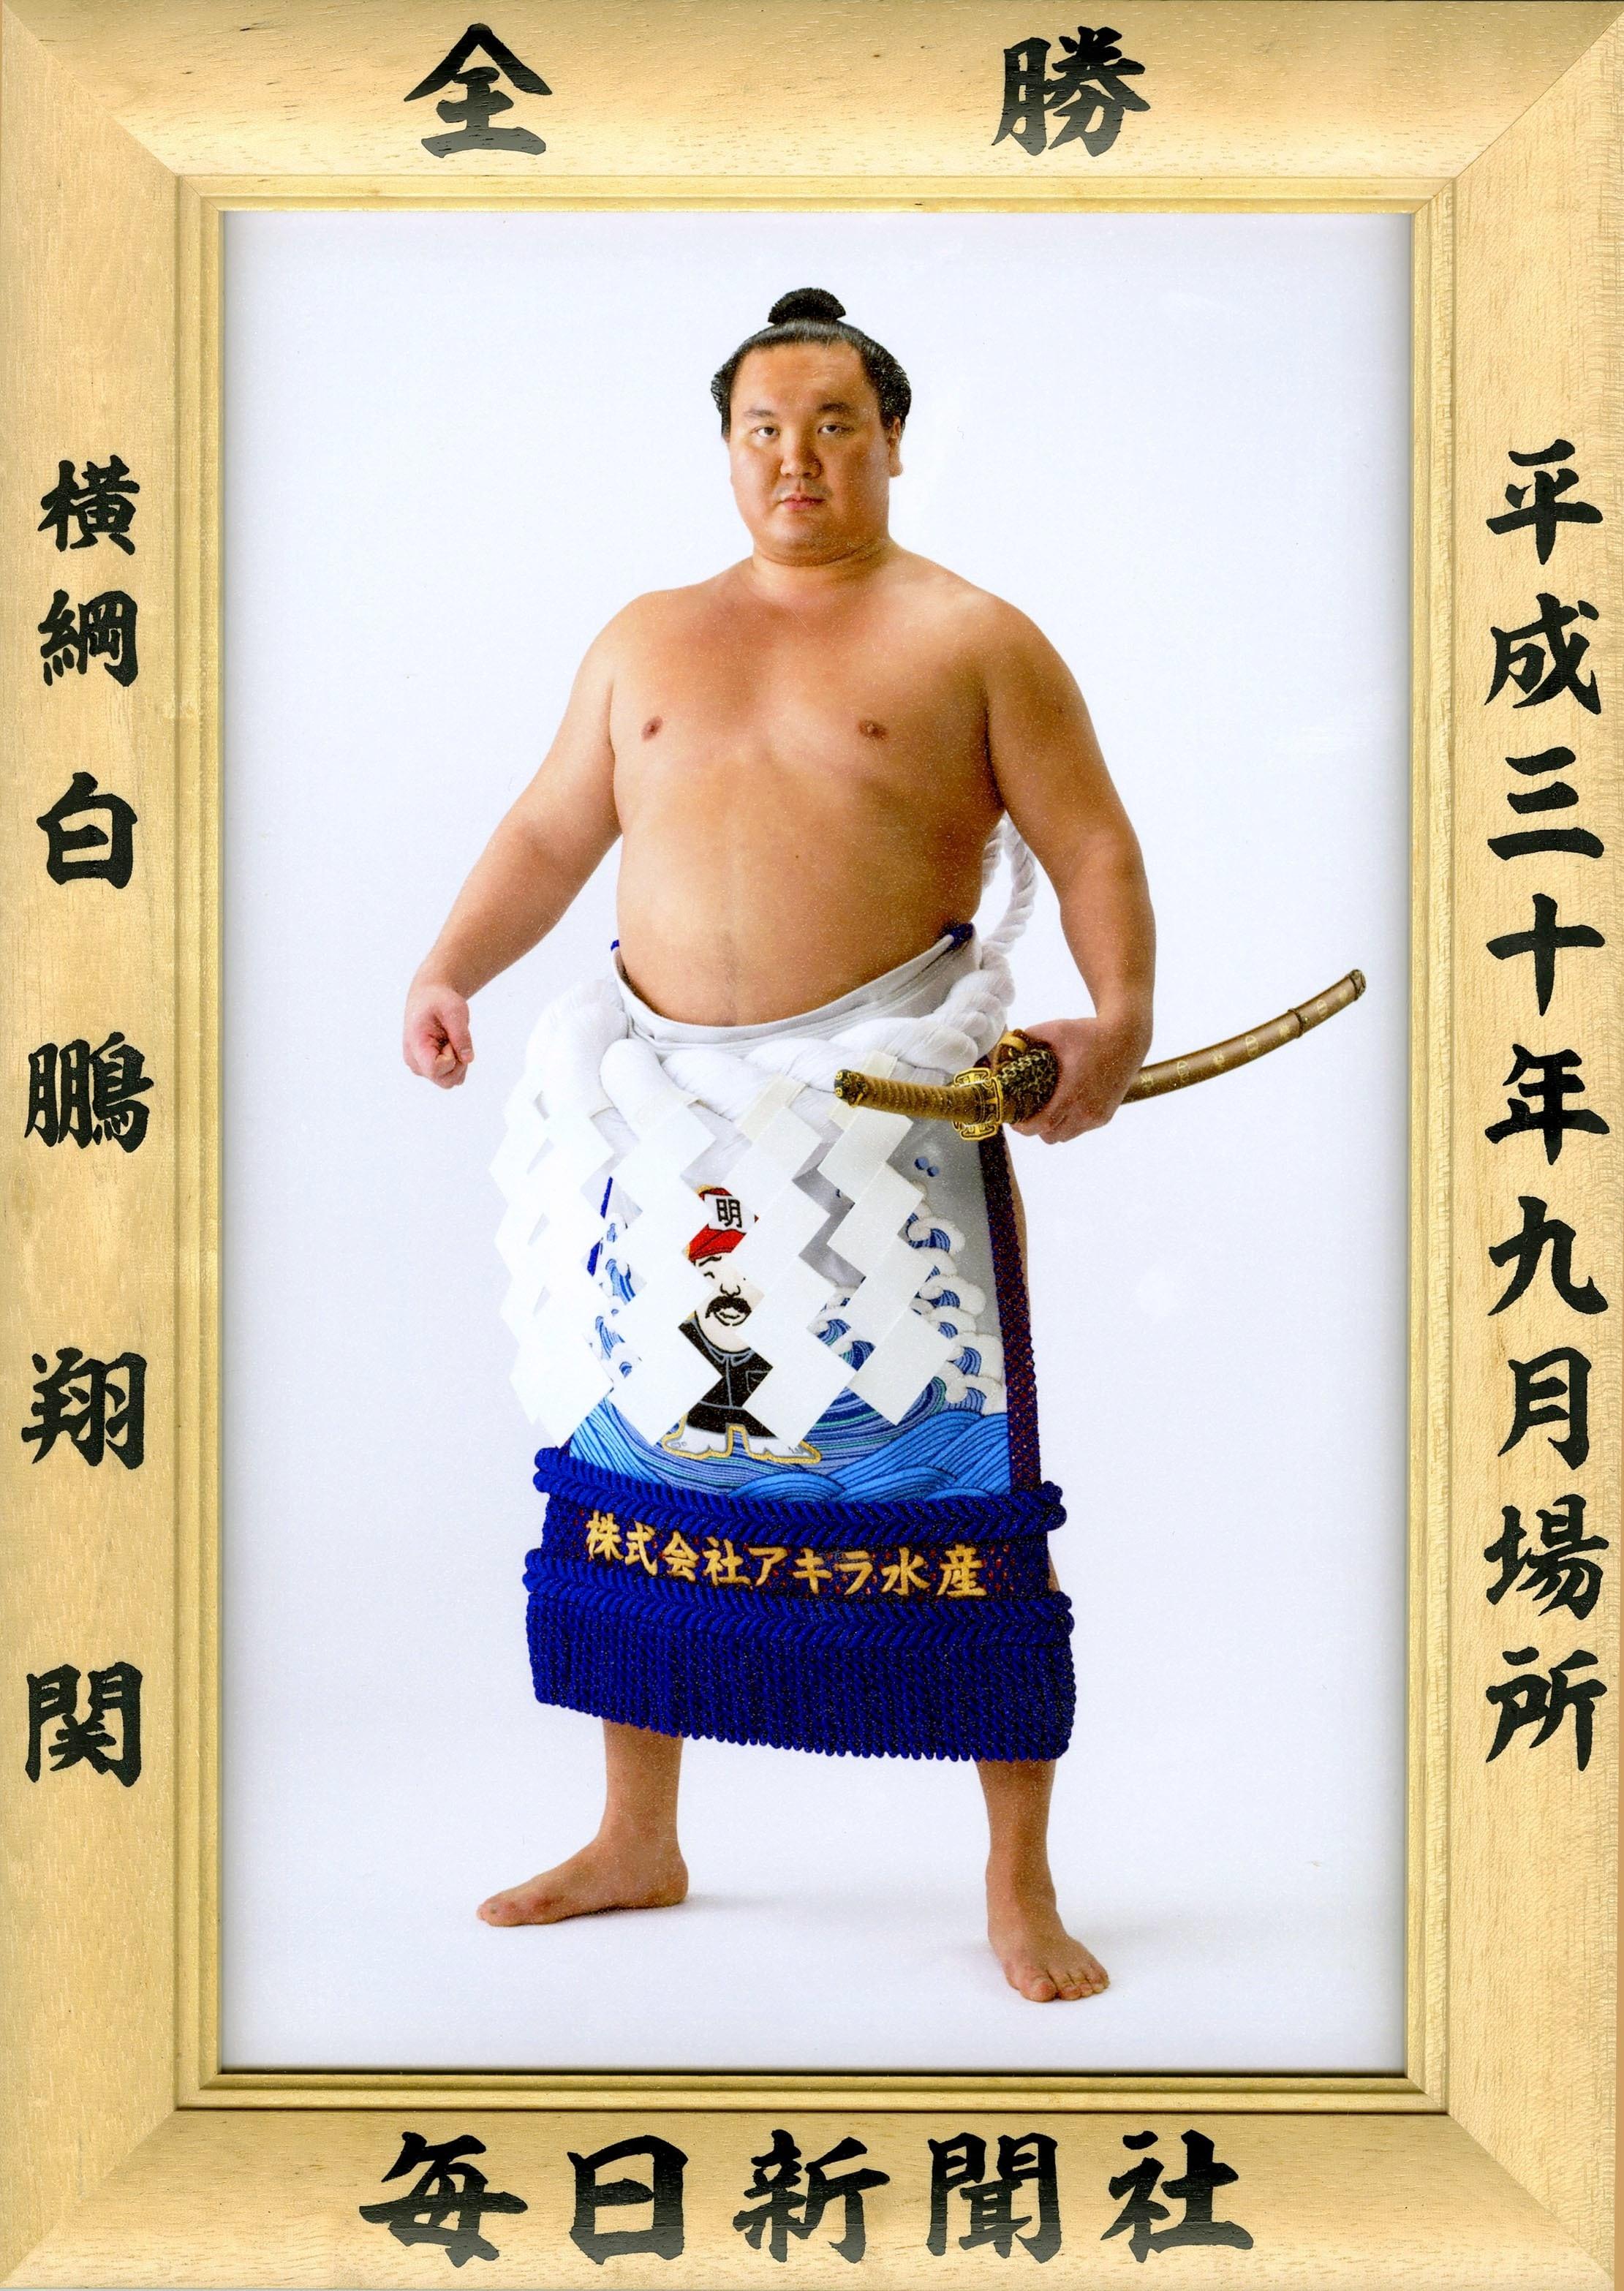 大相撲優勝額 平成30年9月場所・白鵬関